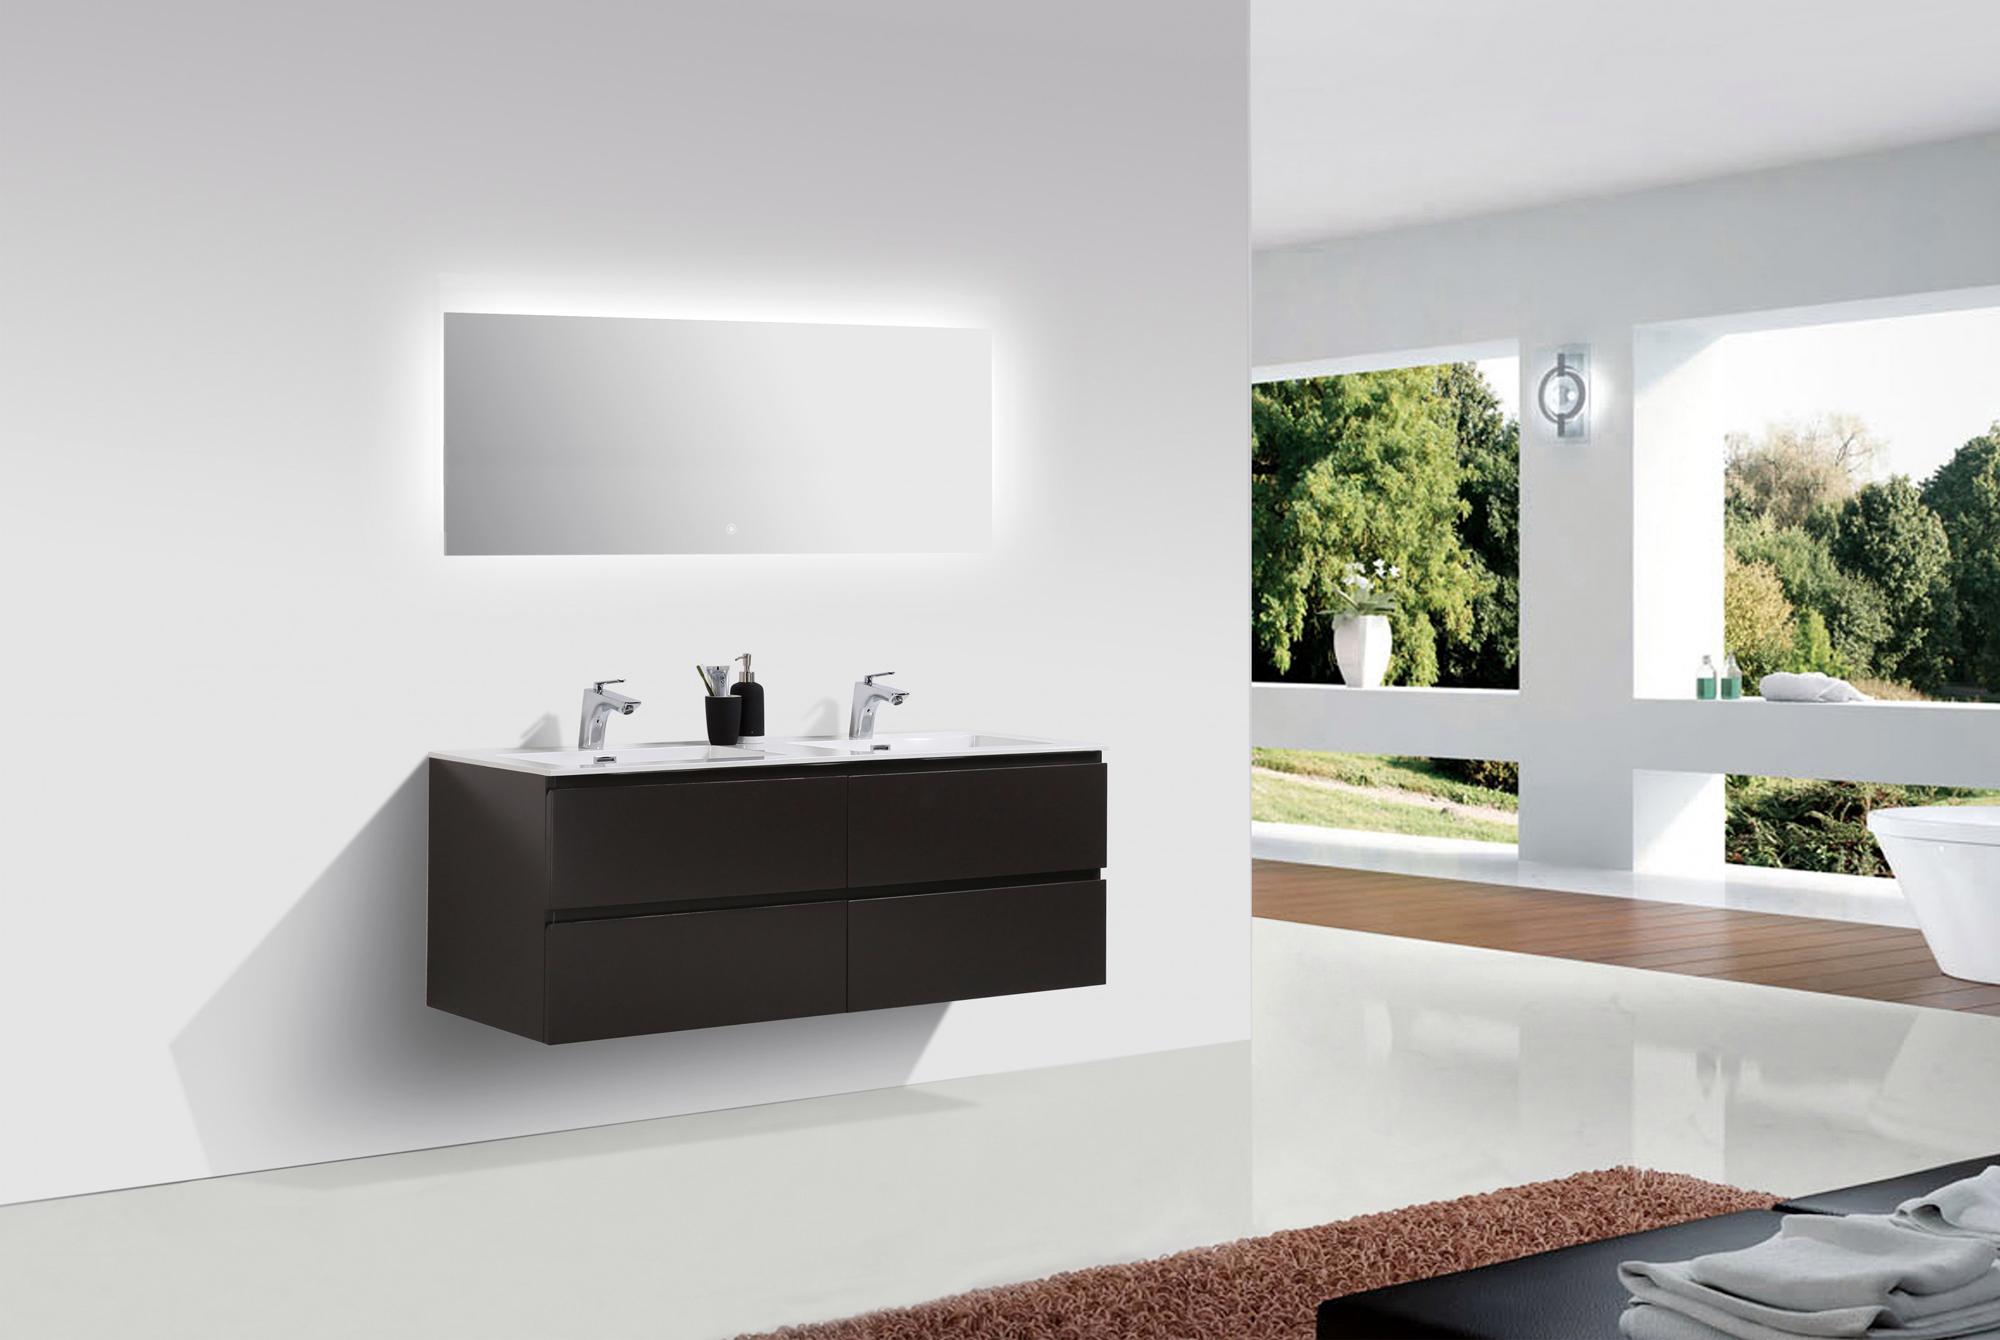 Mobili Da Bagno Bianco Lucido : Mobili in arte povera grezzi o verniciati arredo e mobili bagno